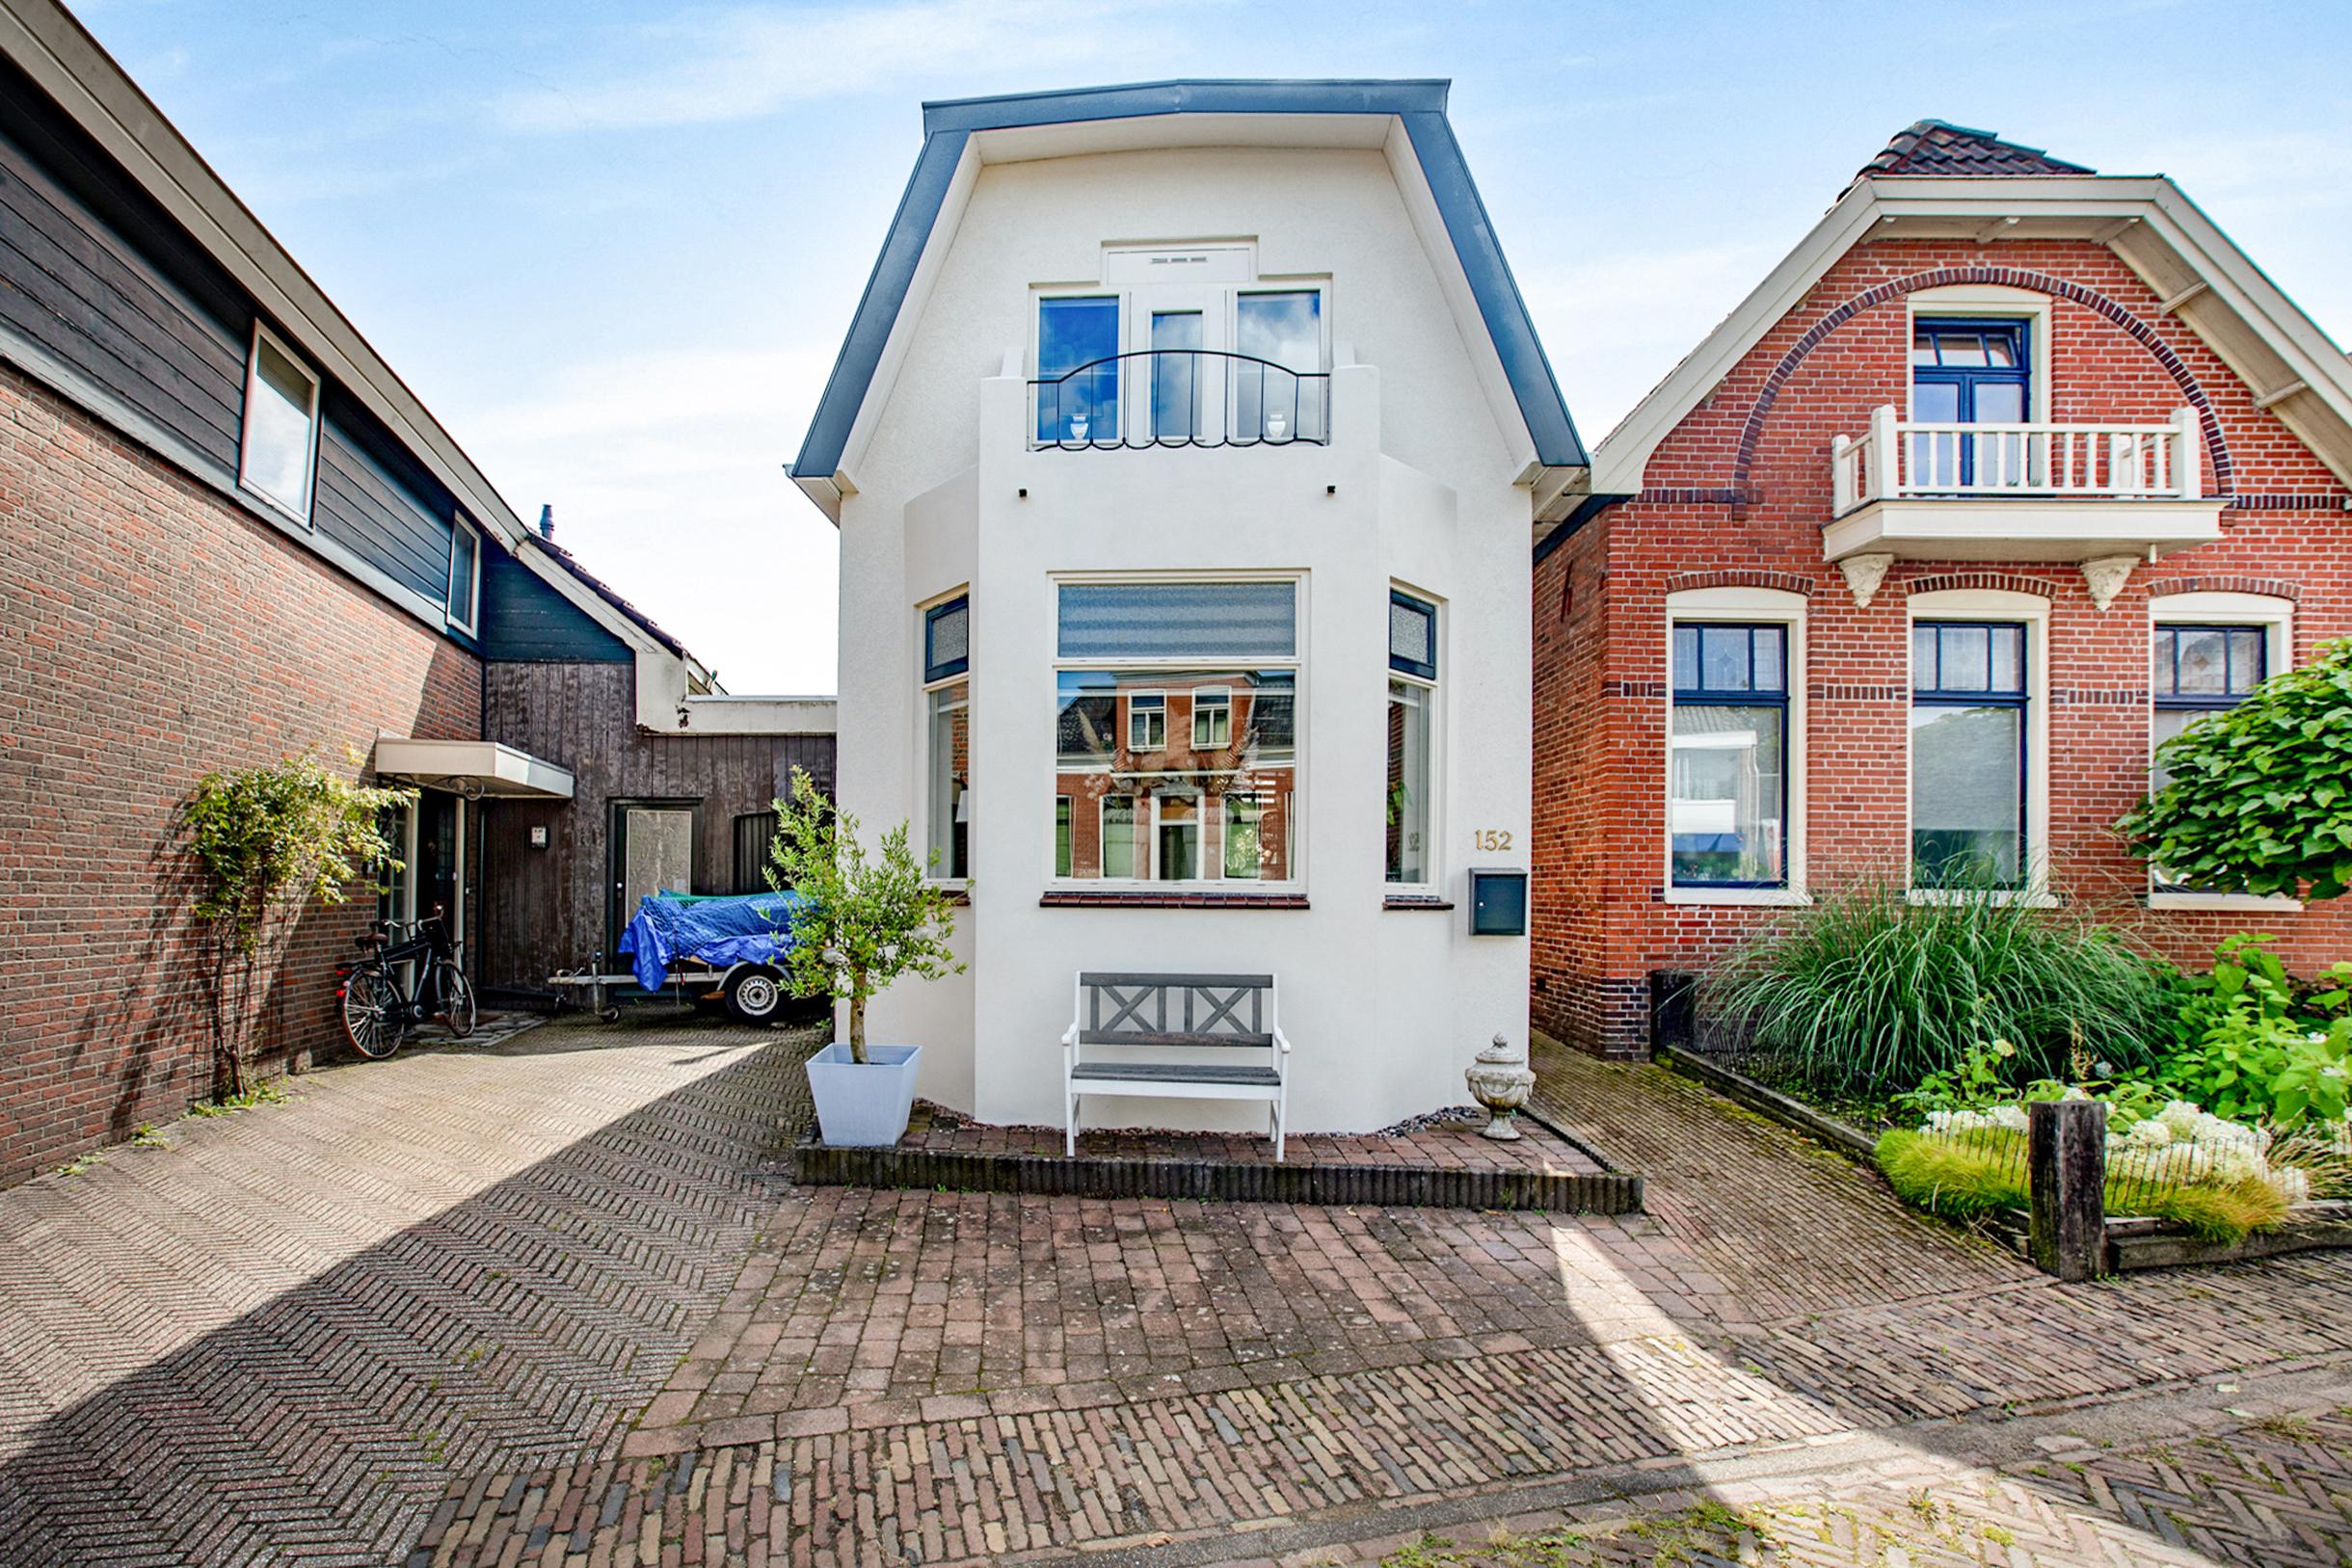 Boven Oosterdiep 152 – 9641 JV Veendam